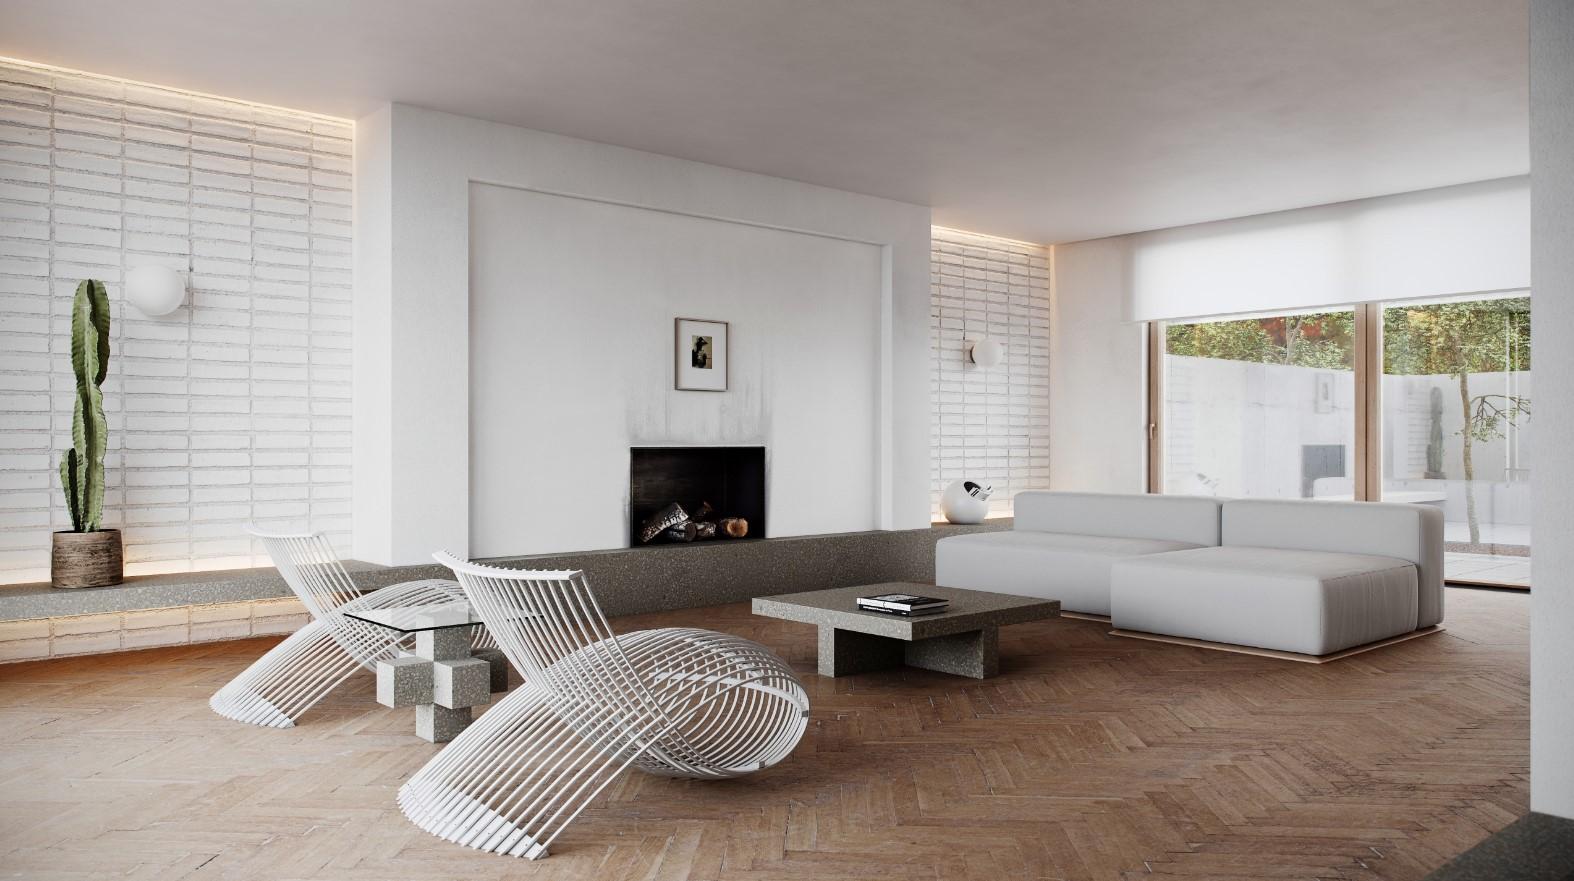 3D Rendered Furniture vs Photographed Furniture